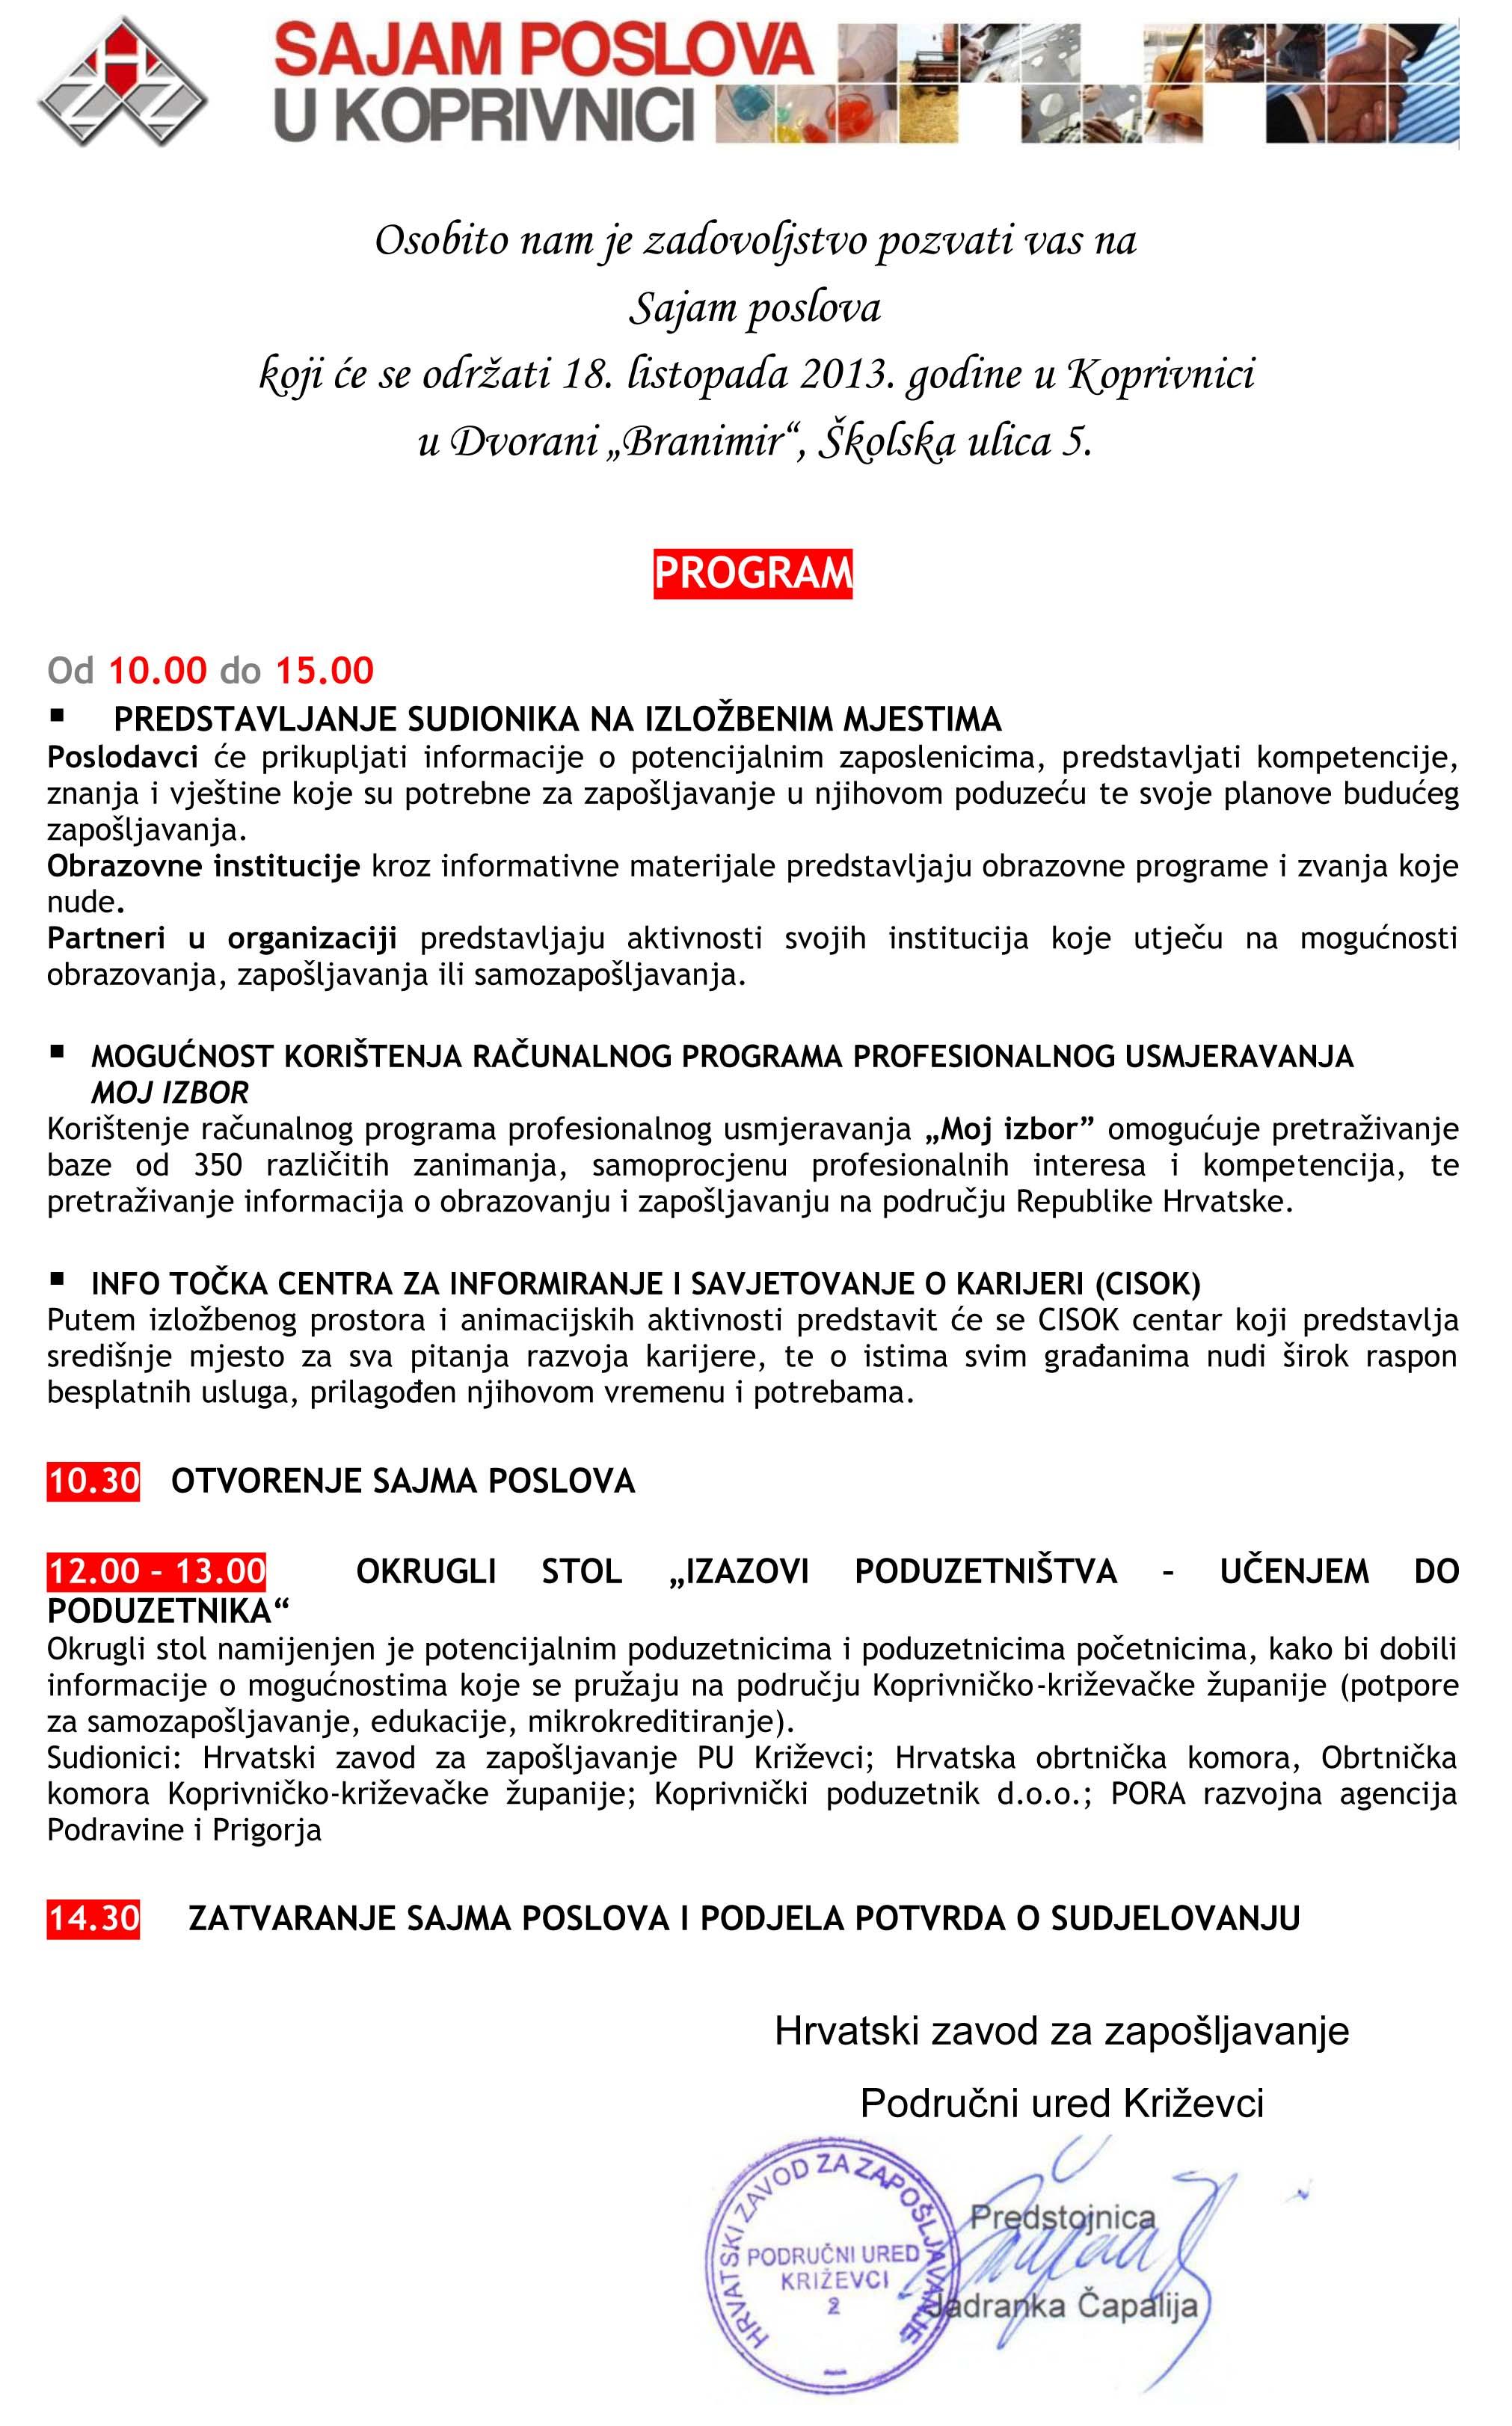 Pozivnica Sajam POSLOVA 2013